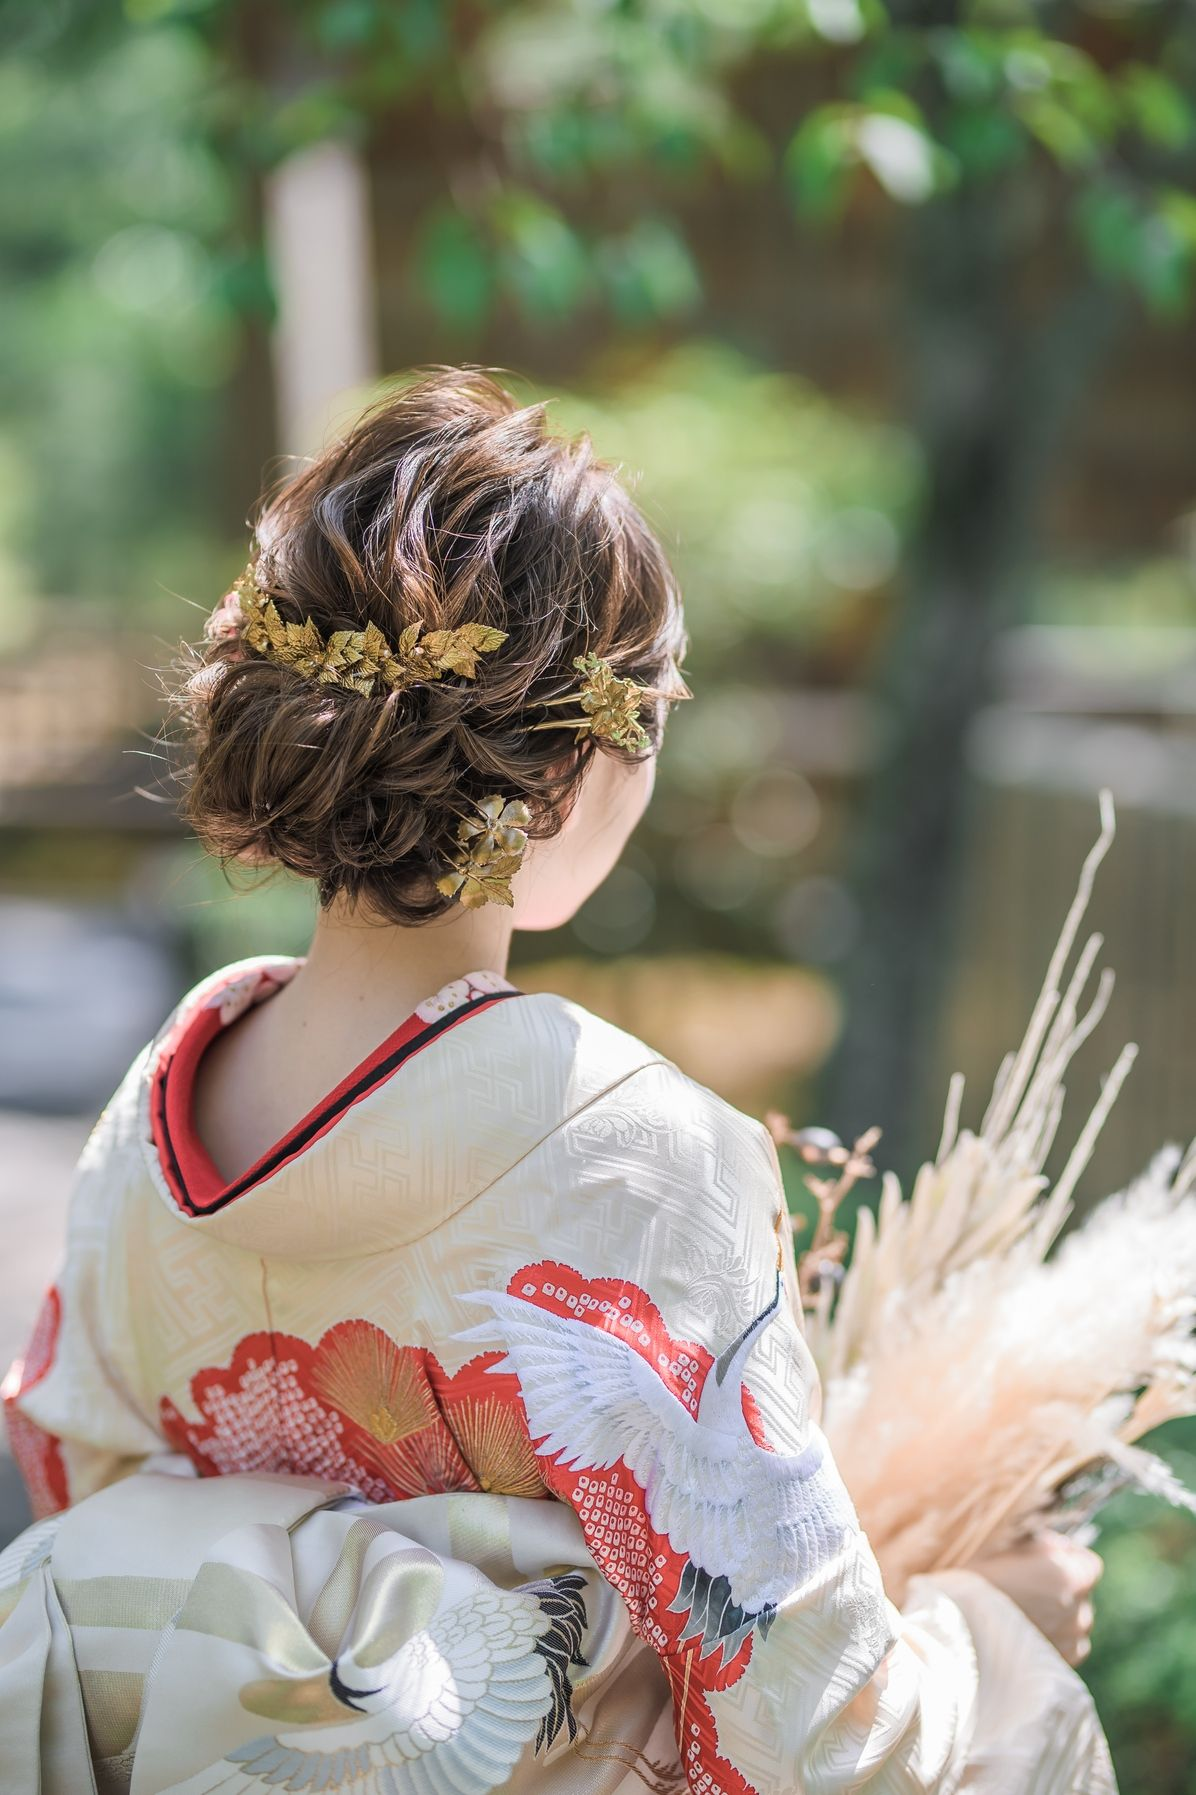 和装花嫁の髪型画像集 結婚式 前撮りの白無垢 色打掛 引振袖に似合うヘアスタイルまとめ 結婚式準備はウェディングニュース 色打掛 髪型 ウェディング ヘアスタイル 花 成人式 髪型 アップ